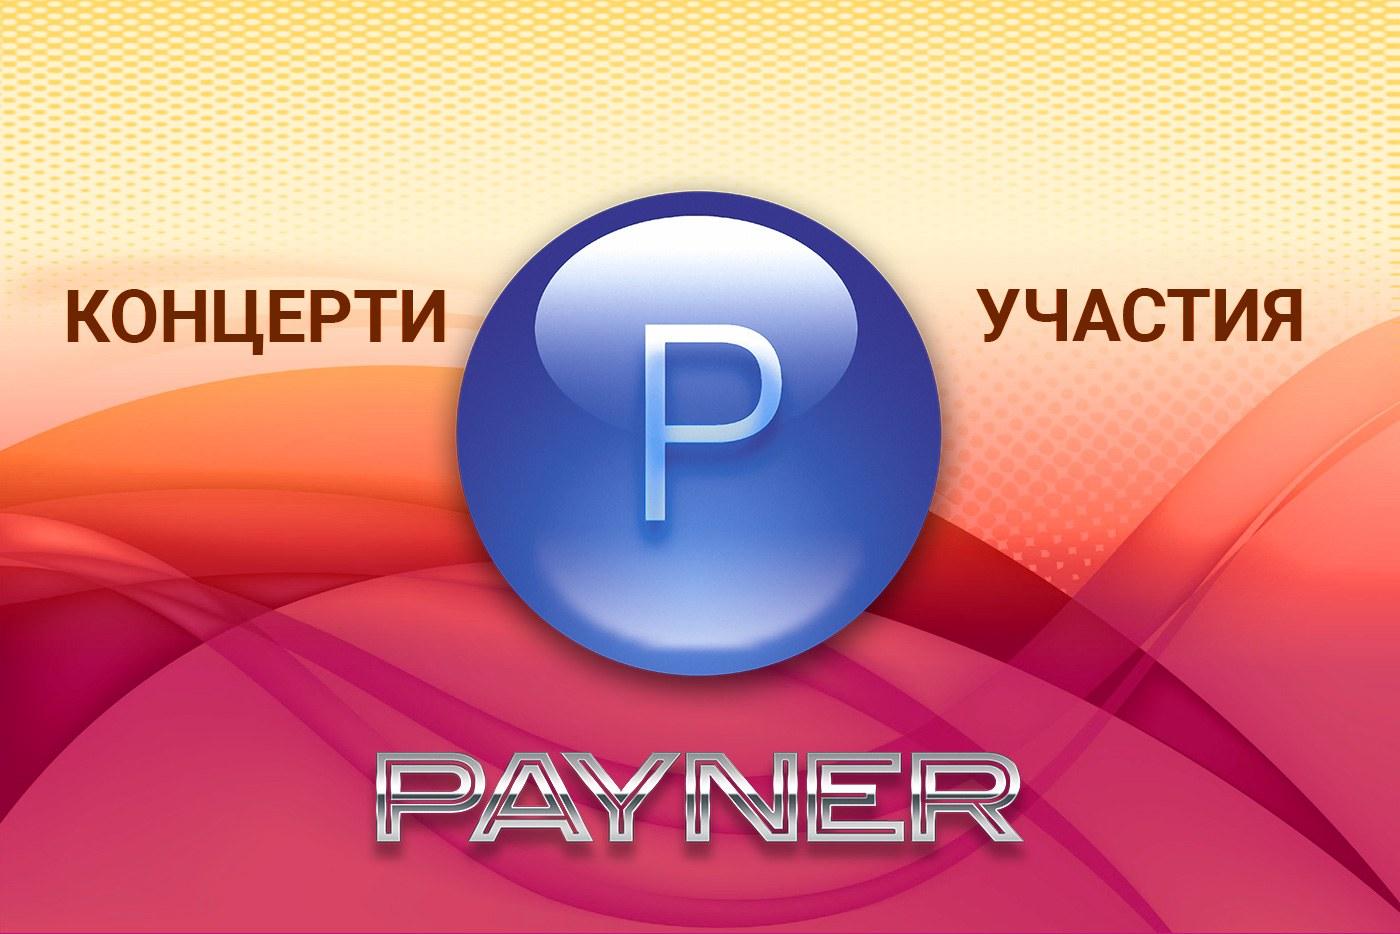 """Участия на звездите на """"Пайнер"""" на 13.10.2018"""